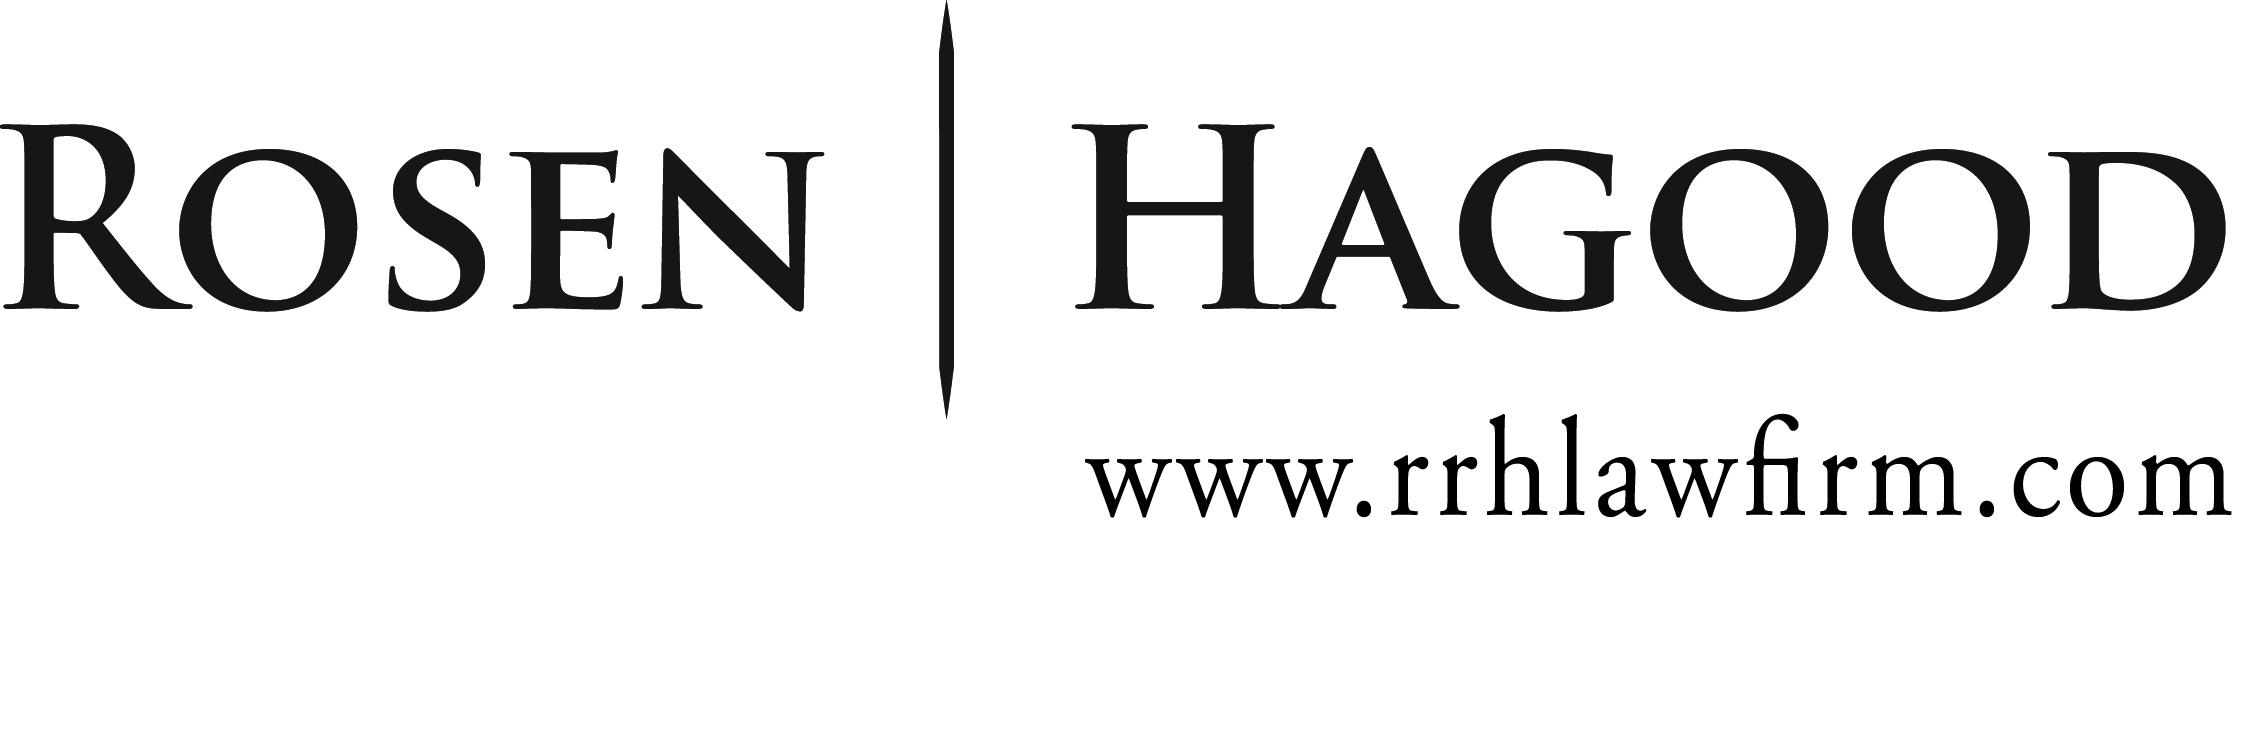 RRH_logo-URL-Final